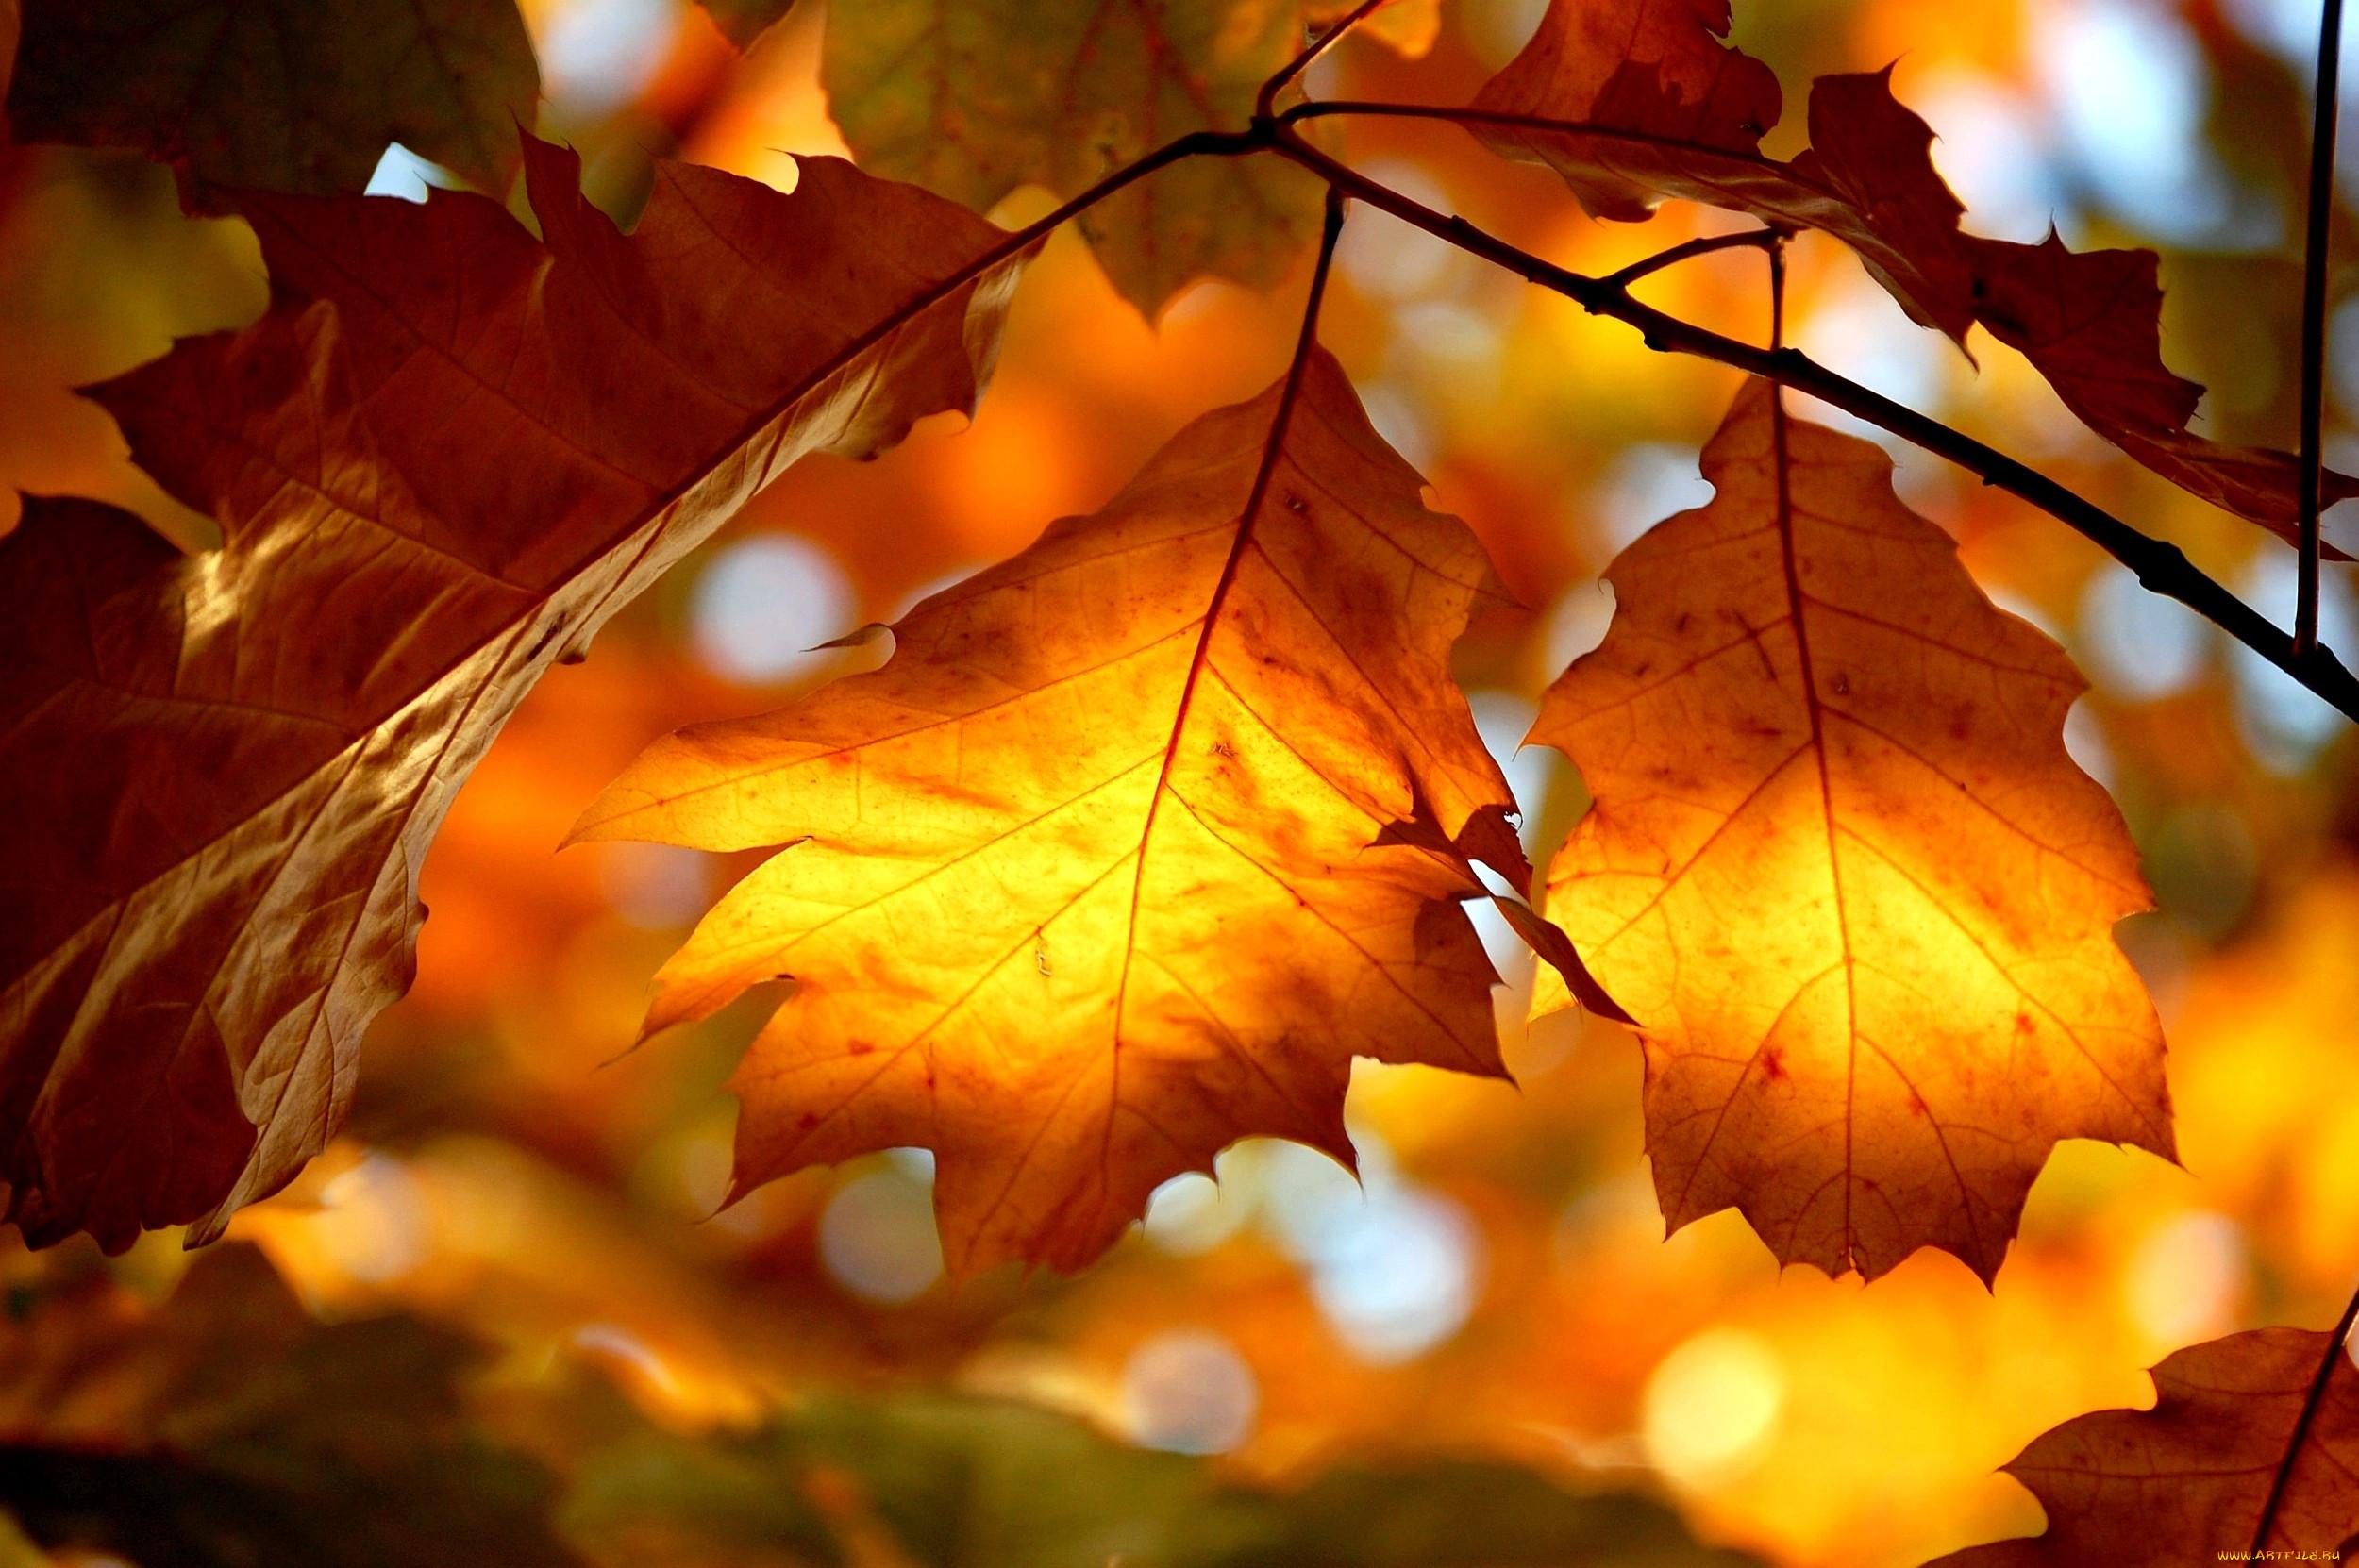 заключительная картинки осень листья большие медонос ценный